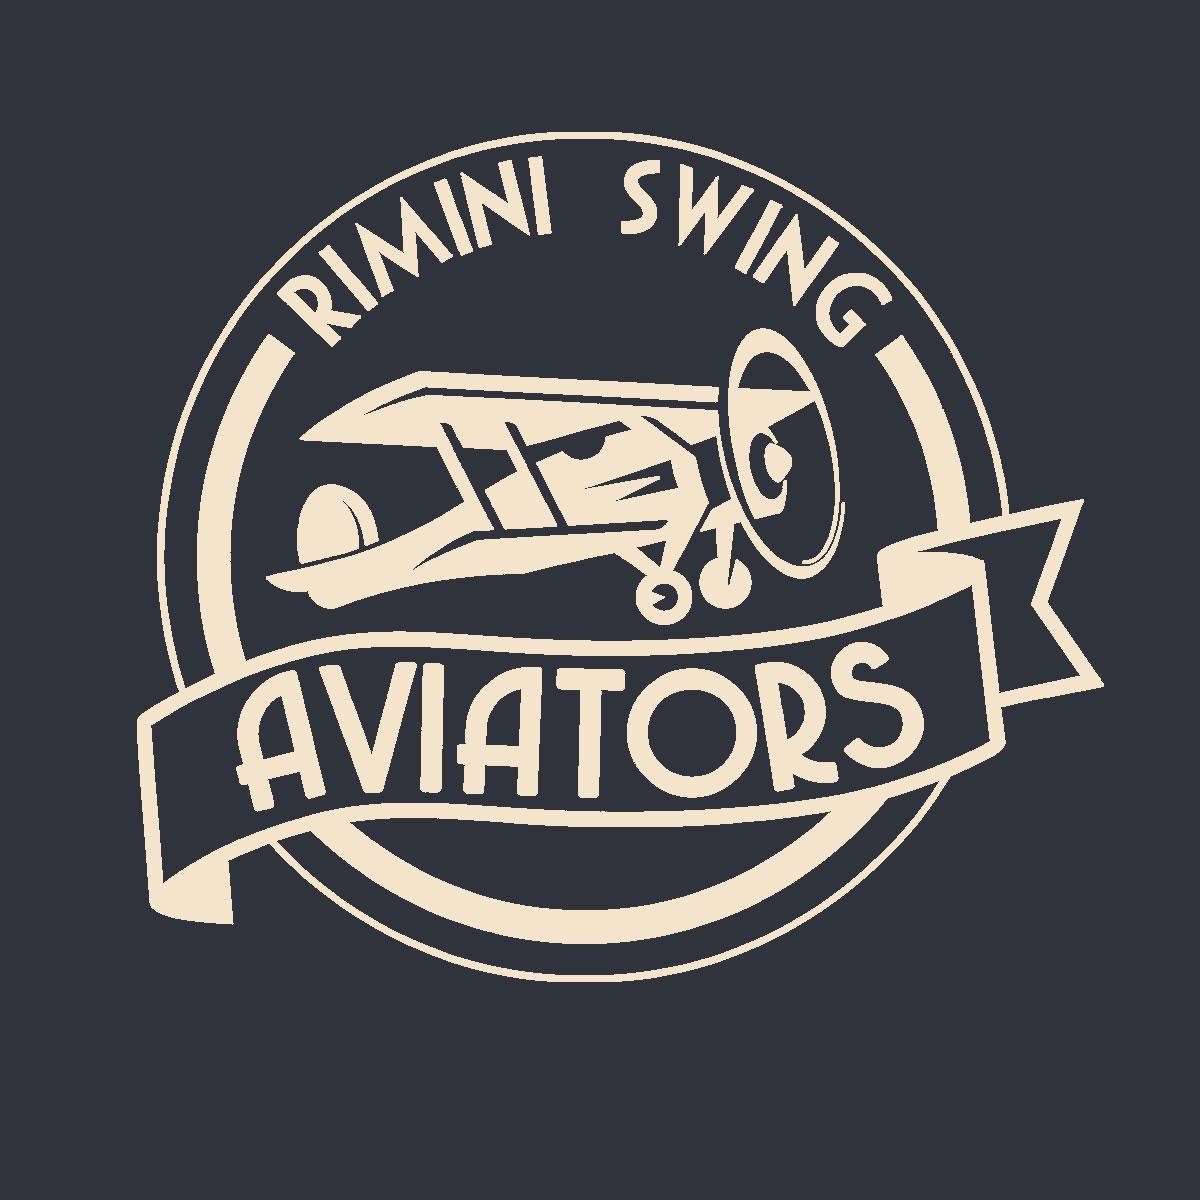 Rimini Swing Aviators